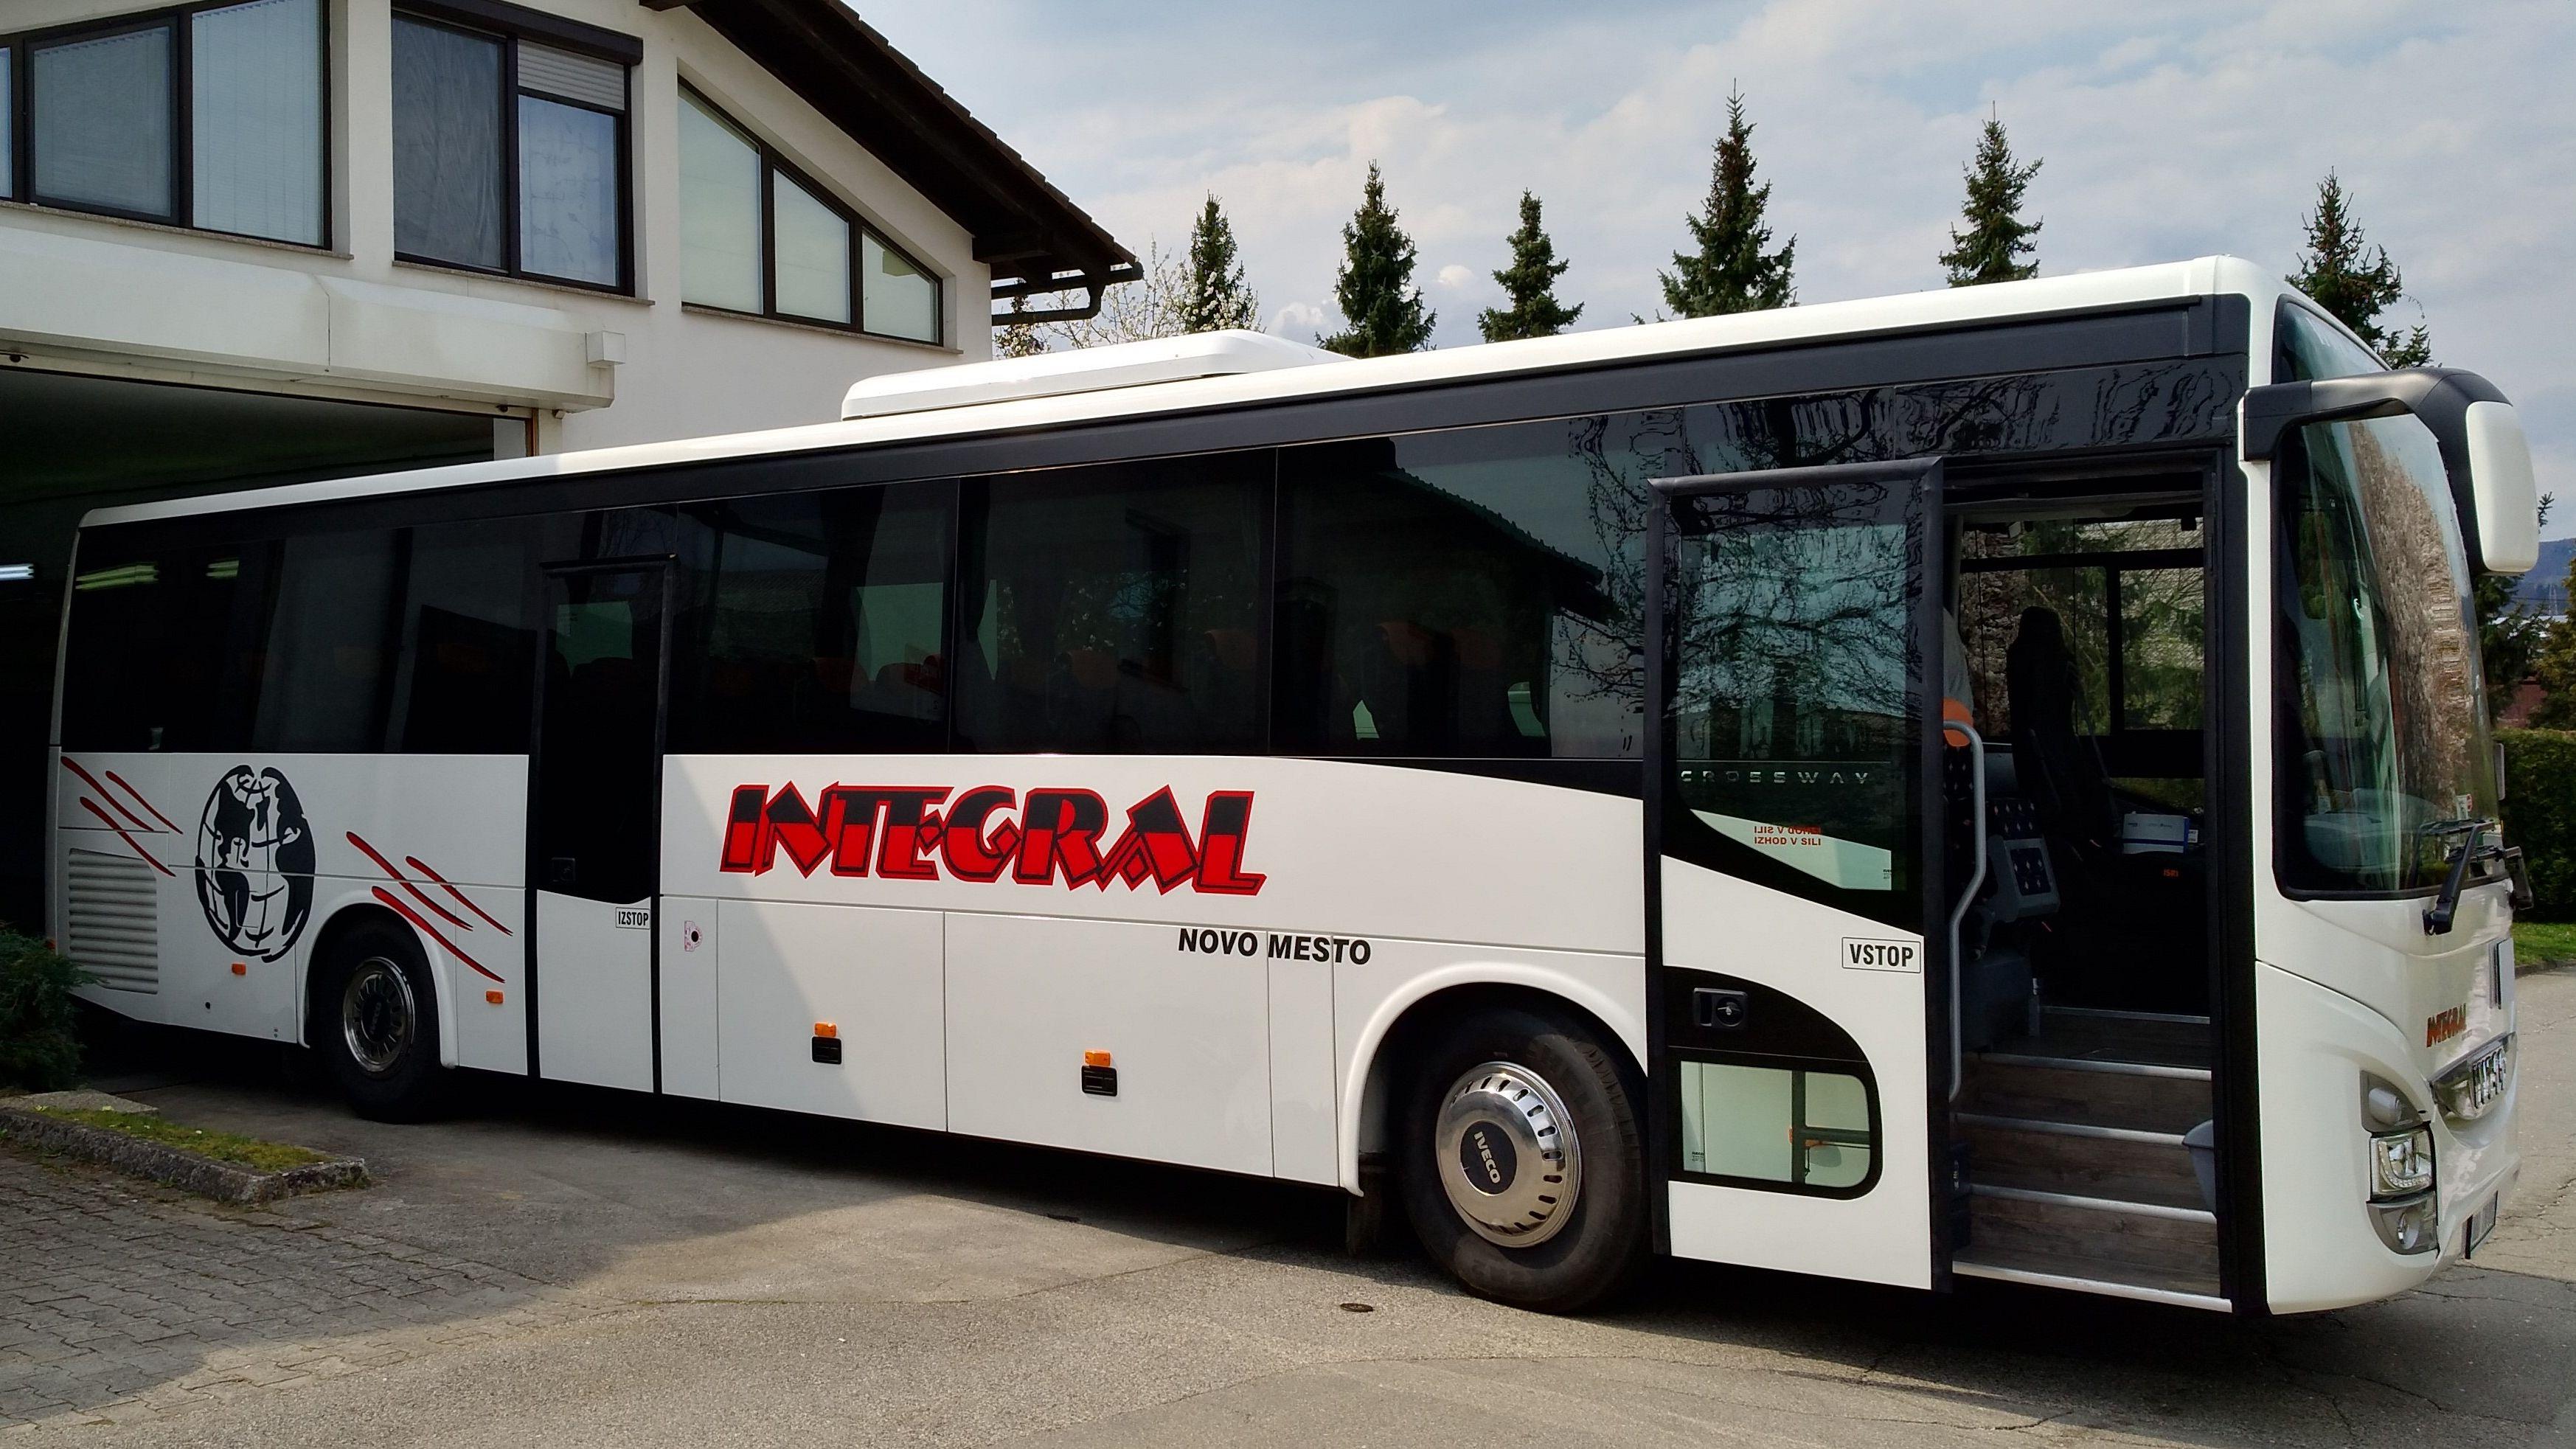 NMEN-002